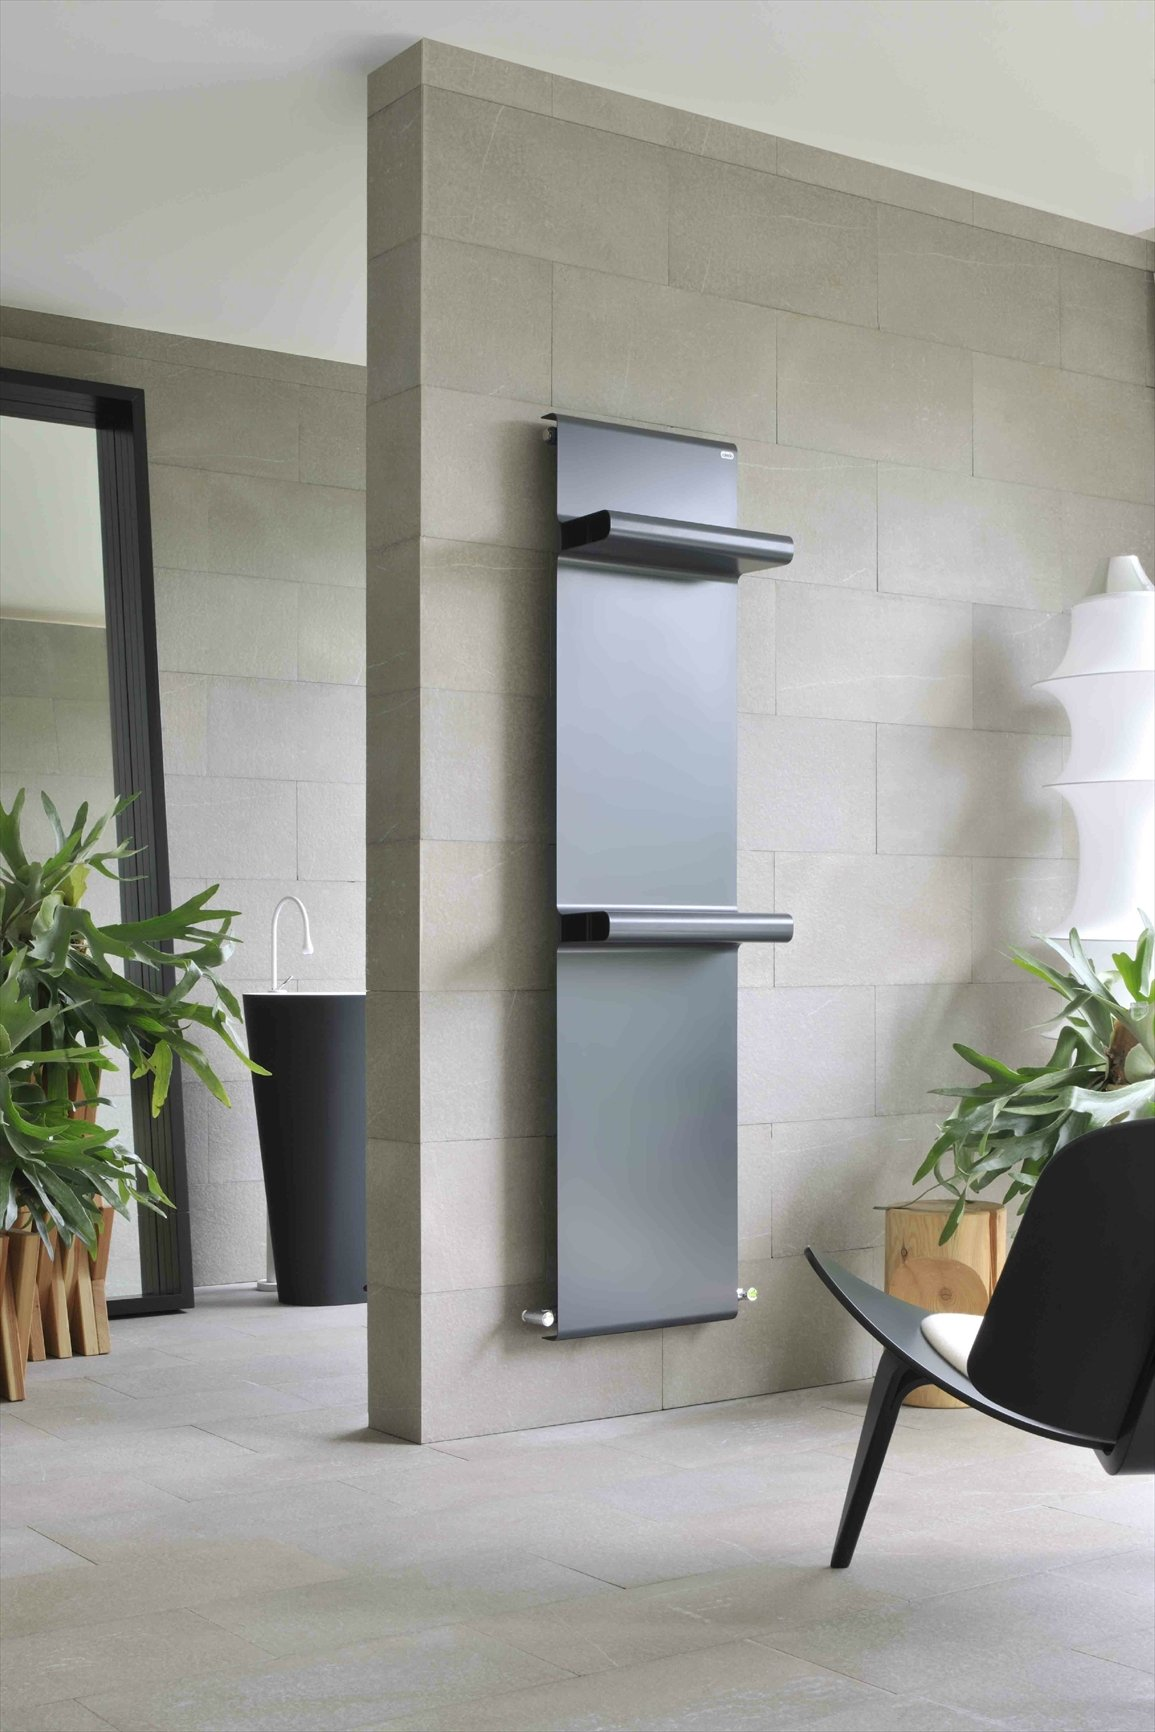 Rebel rude i radiatori di design by caleido for Termoarredo salone